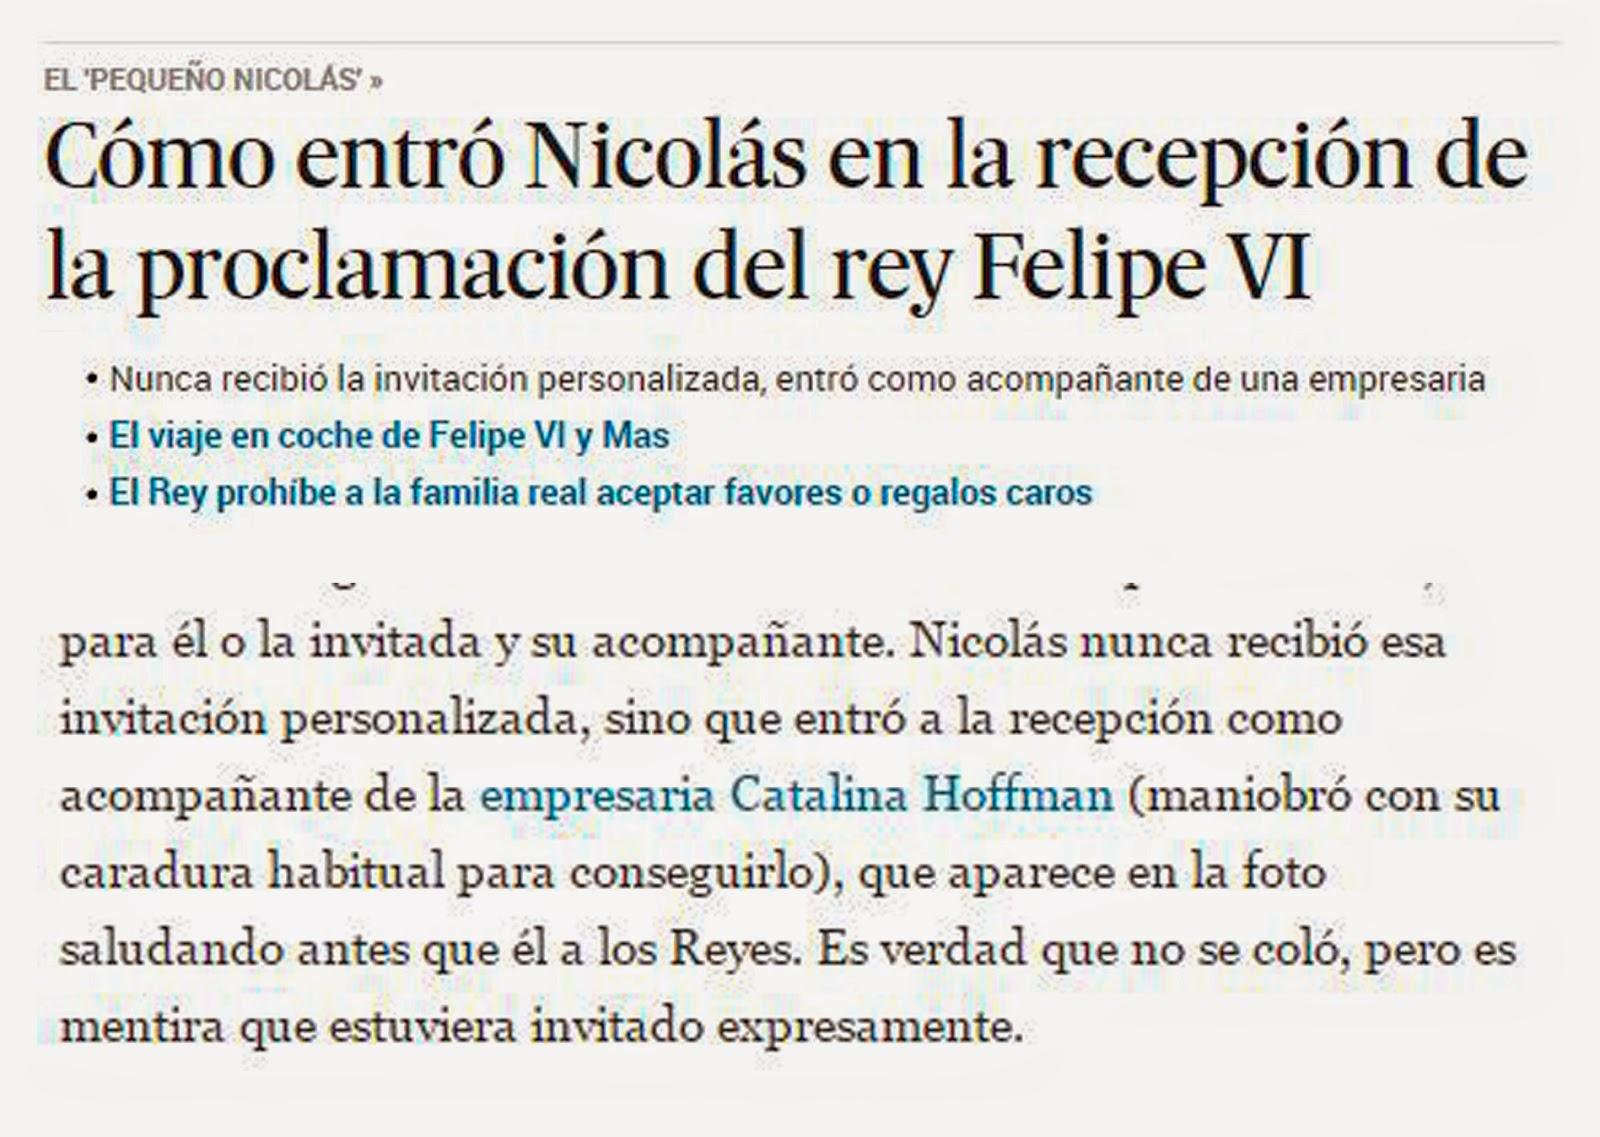 Noticias falsas 2014 - El País